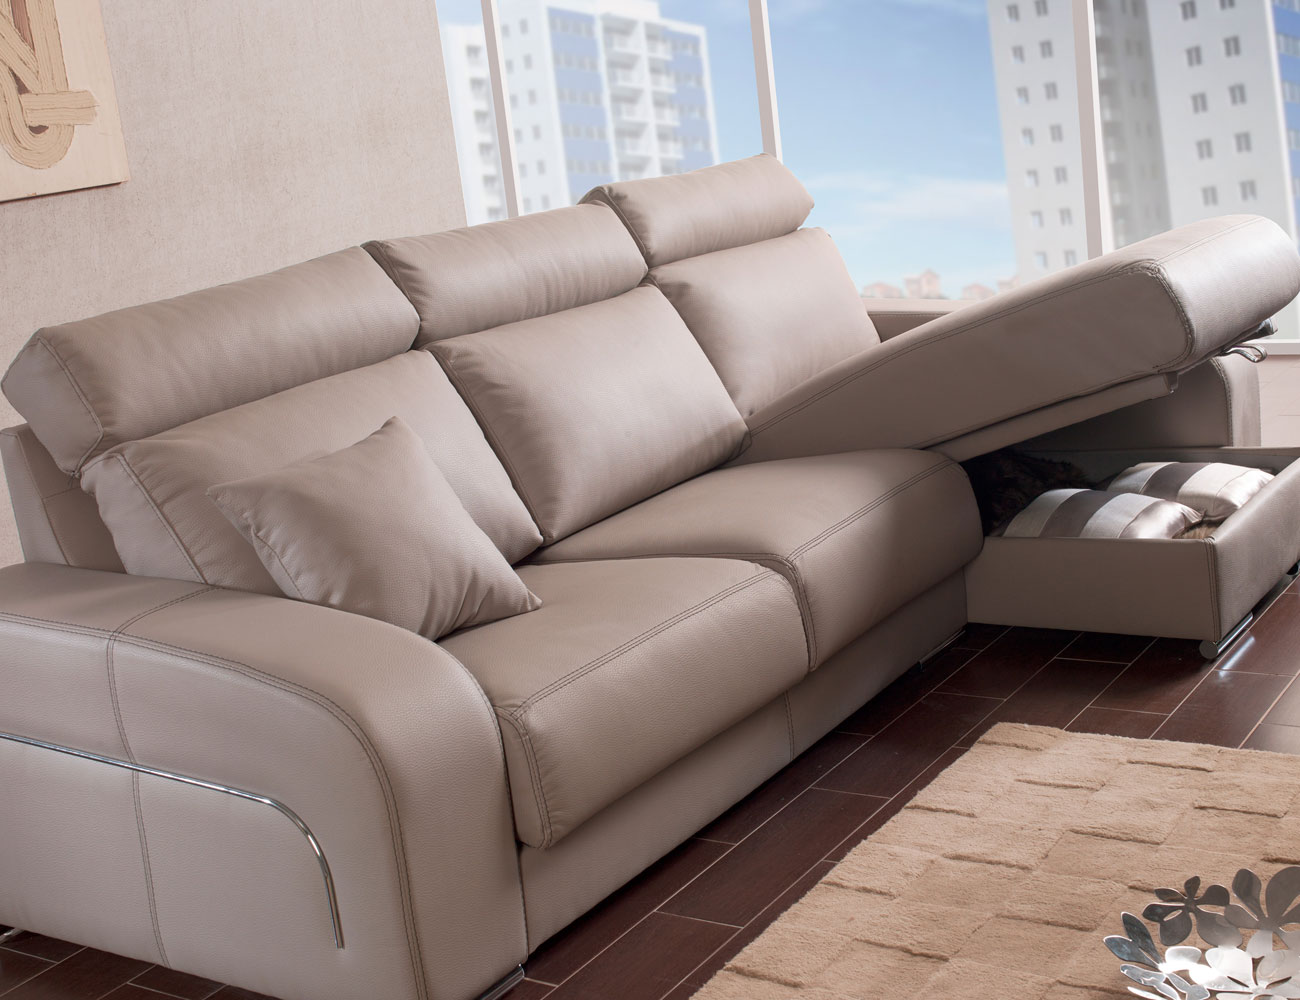 Sofa chaiselongue moderno pared cero arcon76